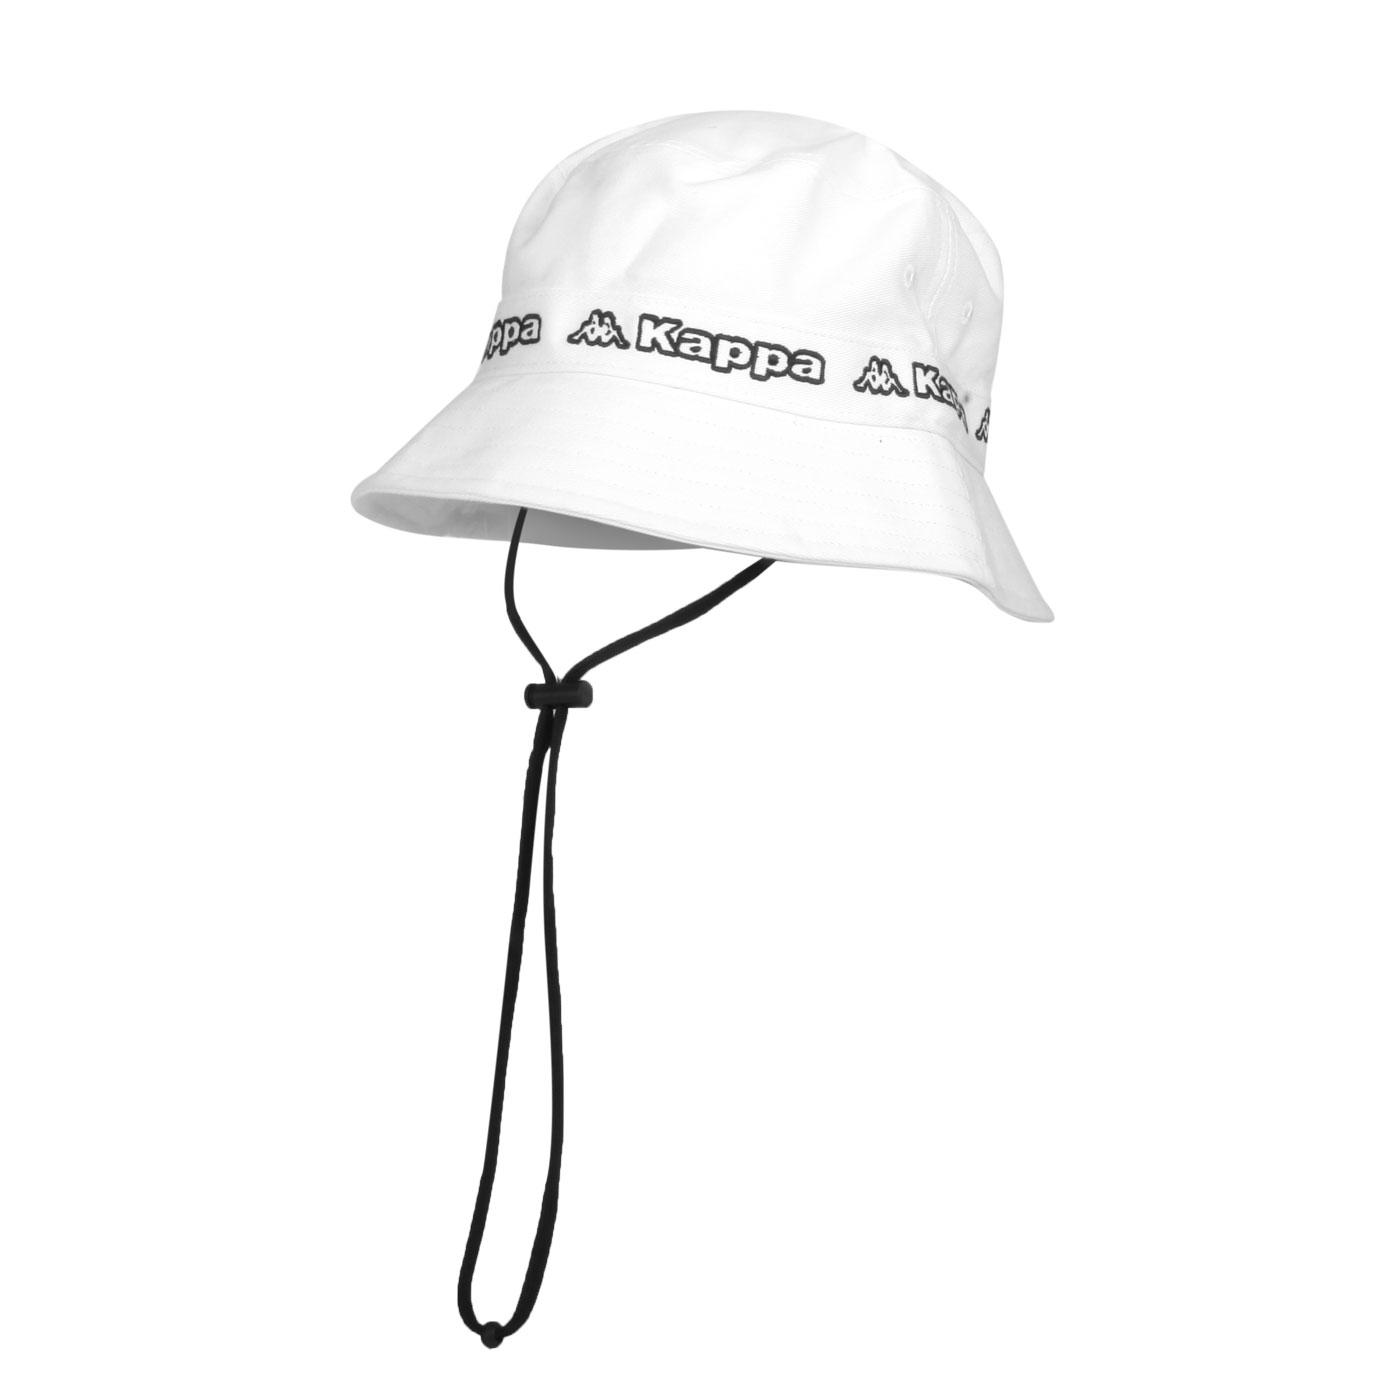 KAPPA 運動休閒帽 3115TYW-B55 - 白黑